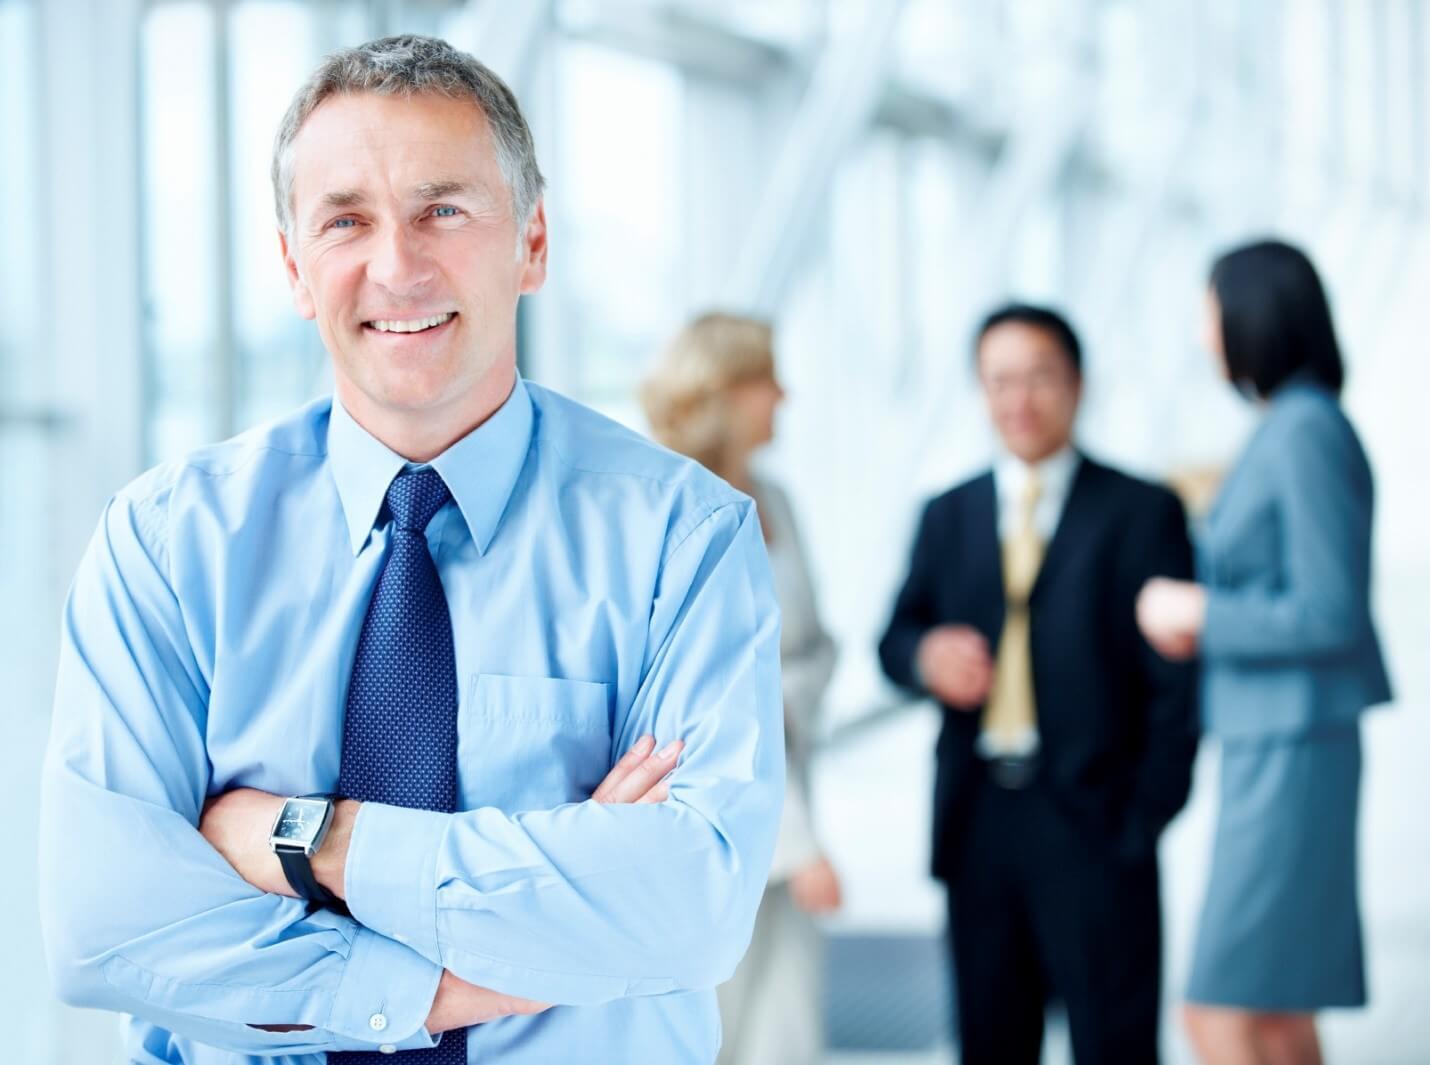 7. مدیر فروش حرفهای